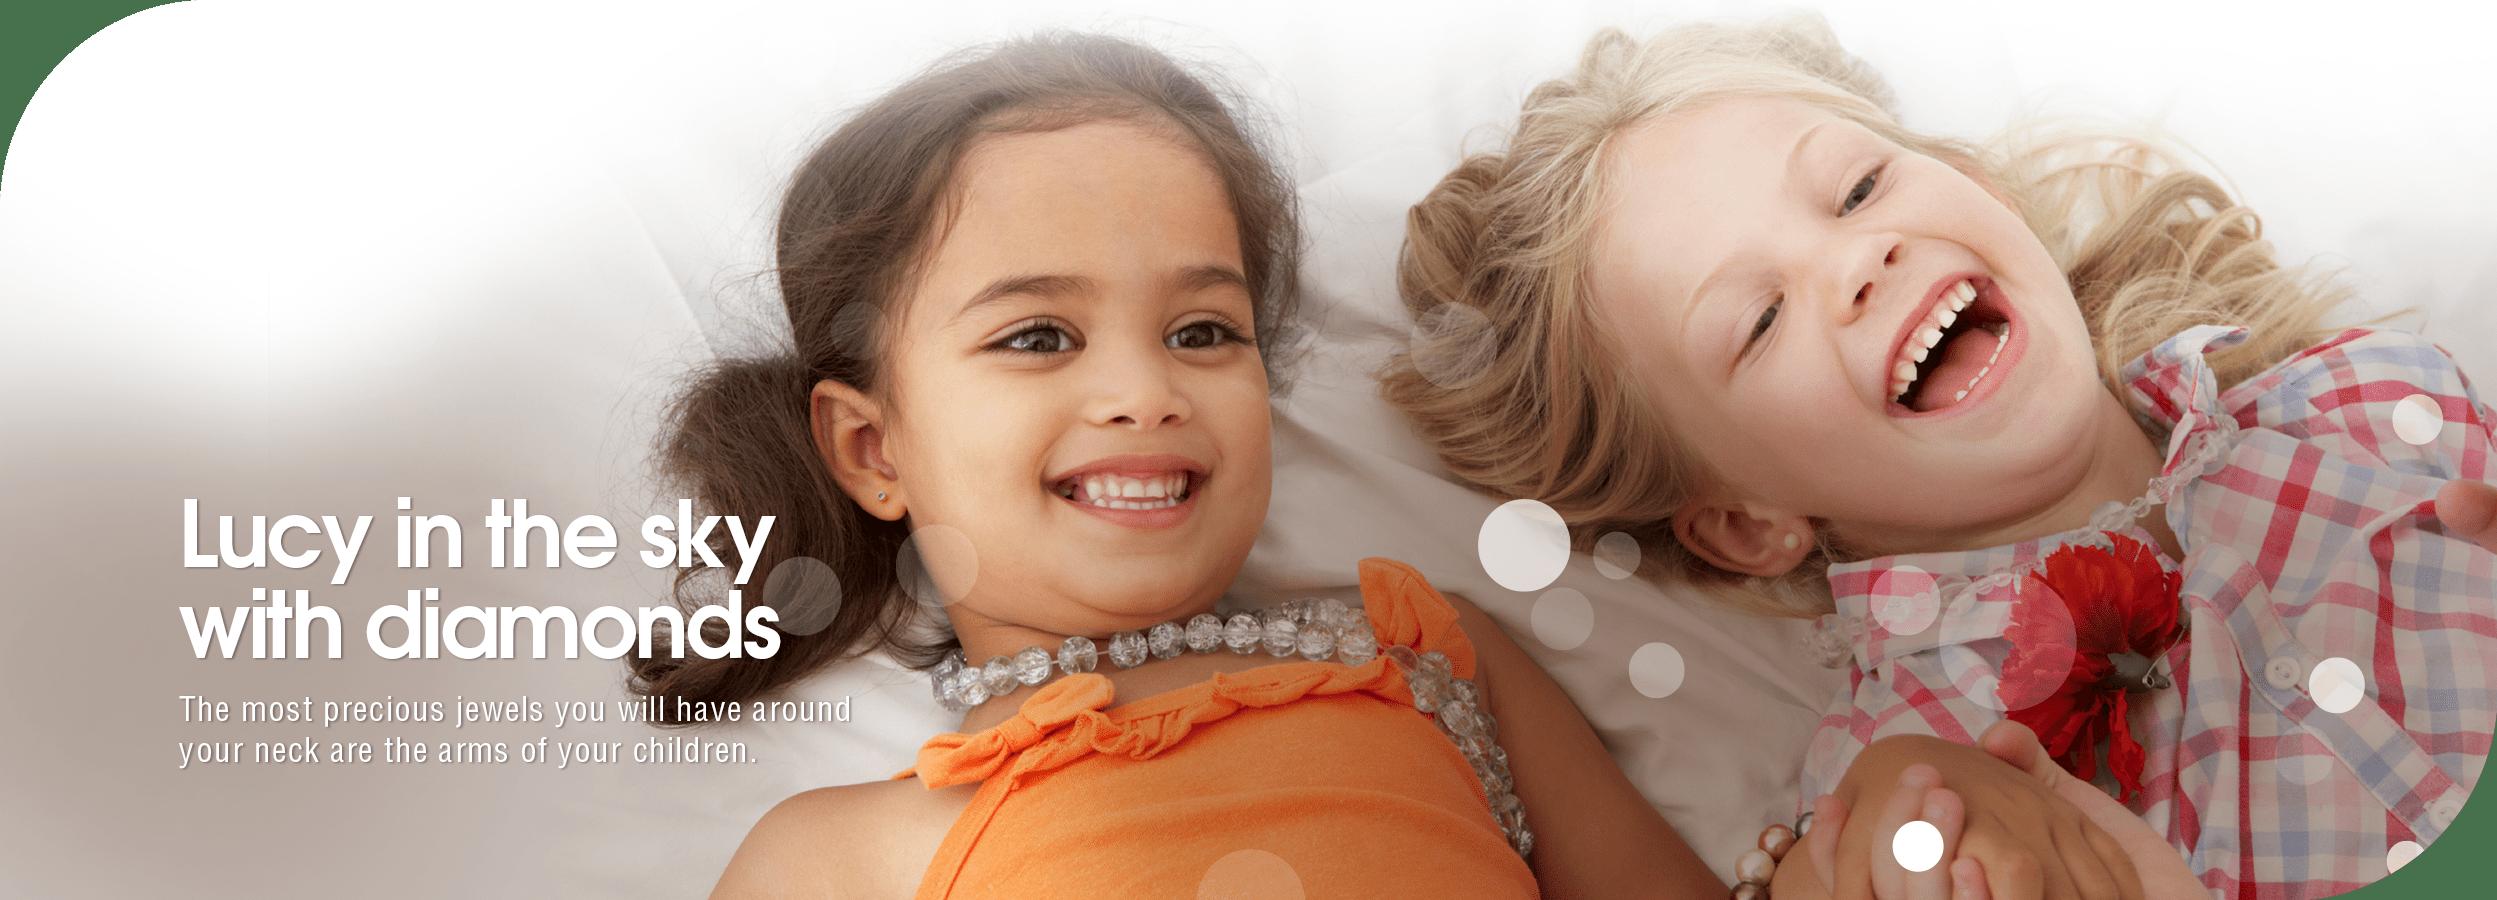 blogs-montessori-preschool-mont-kiara